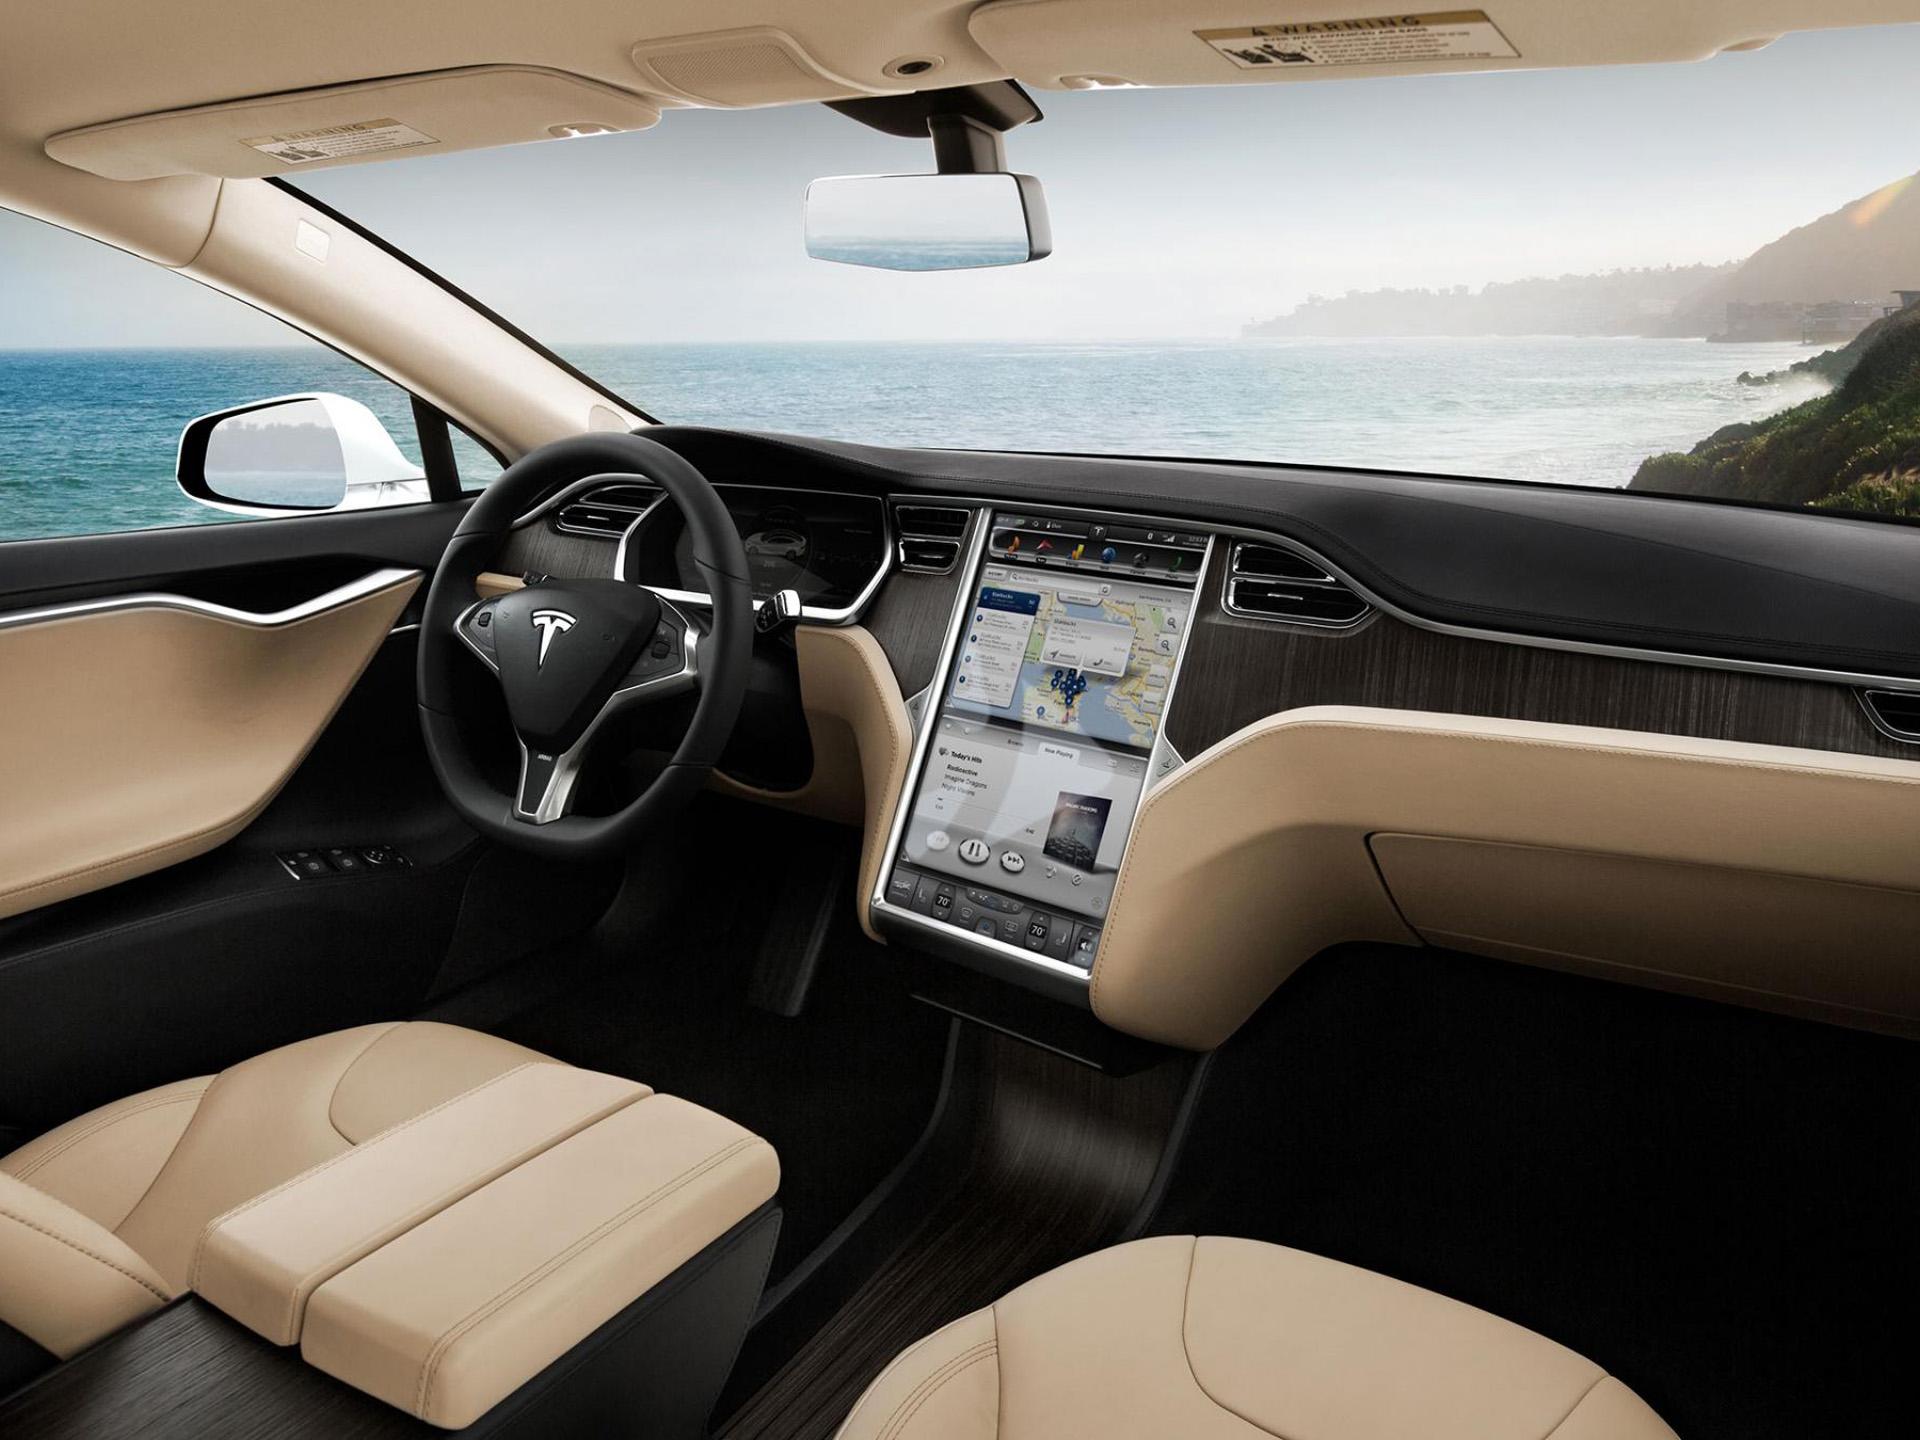 8k Car Wallpaper Download 2013 Tesla Model S Supercar Interior G Wallpaper